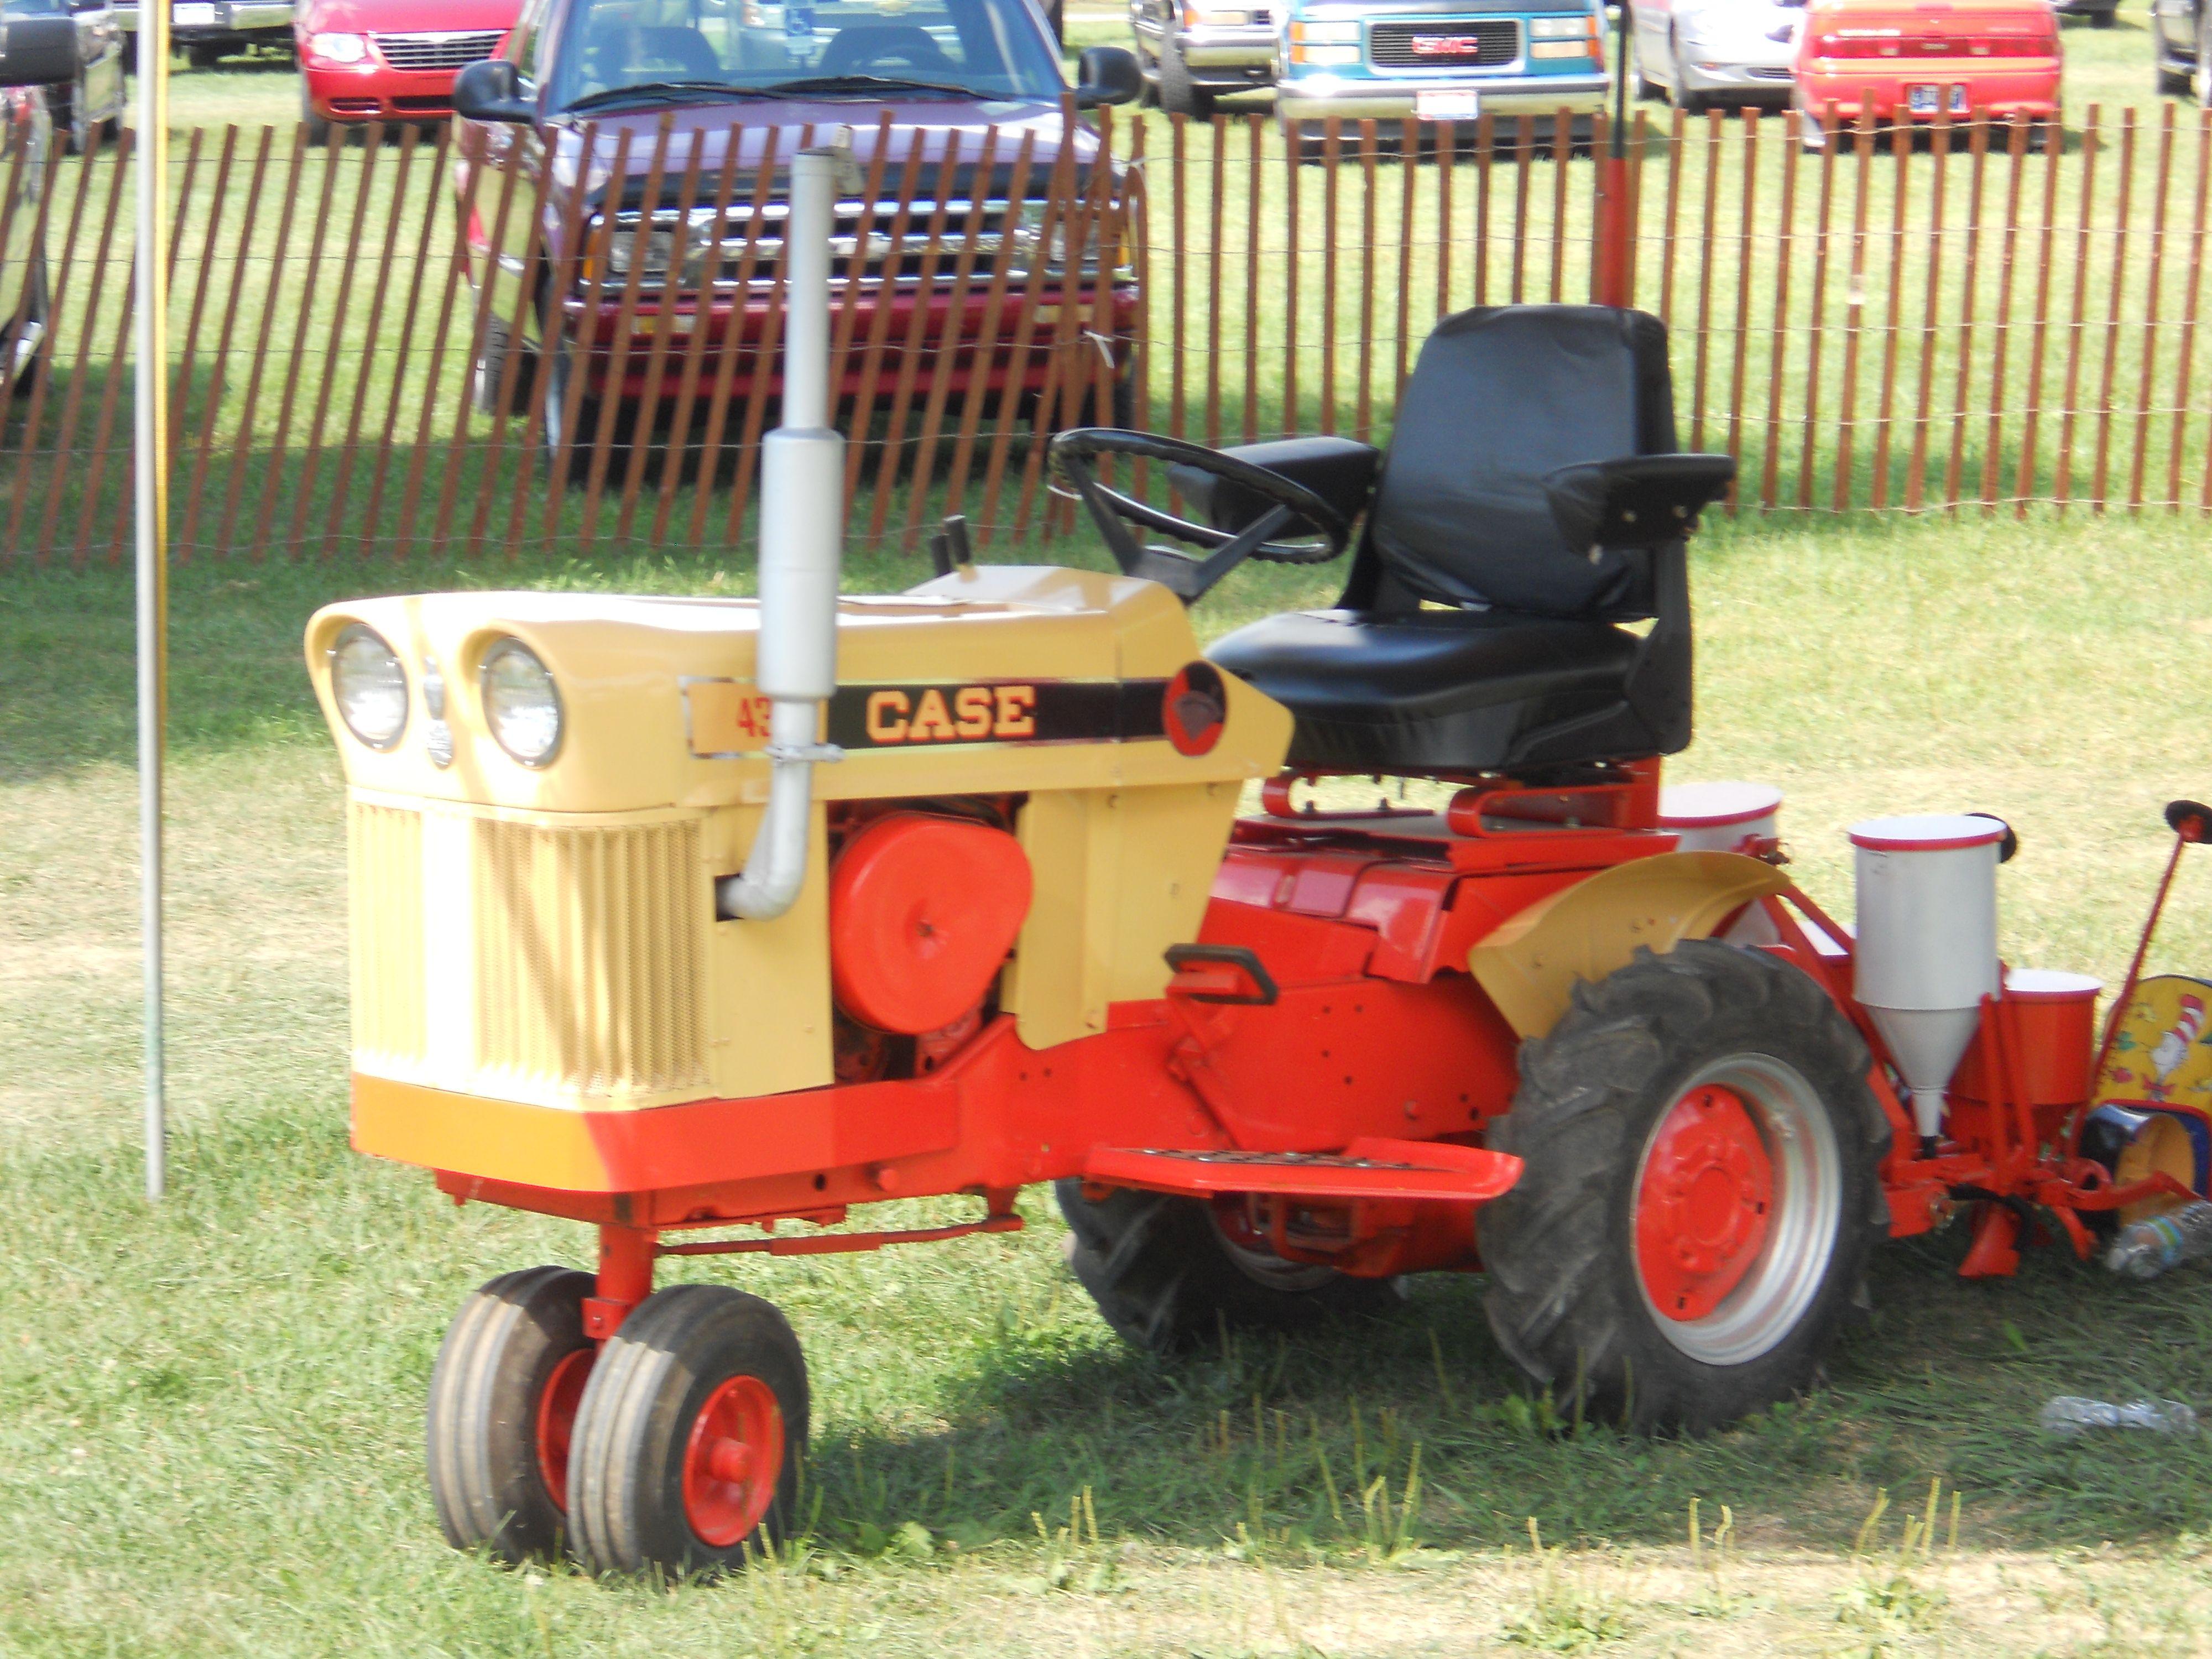 Case Garden Tractor Tractors Garden Tractor Yard Tractors